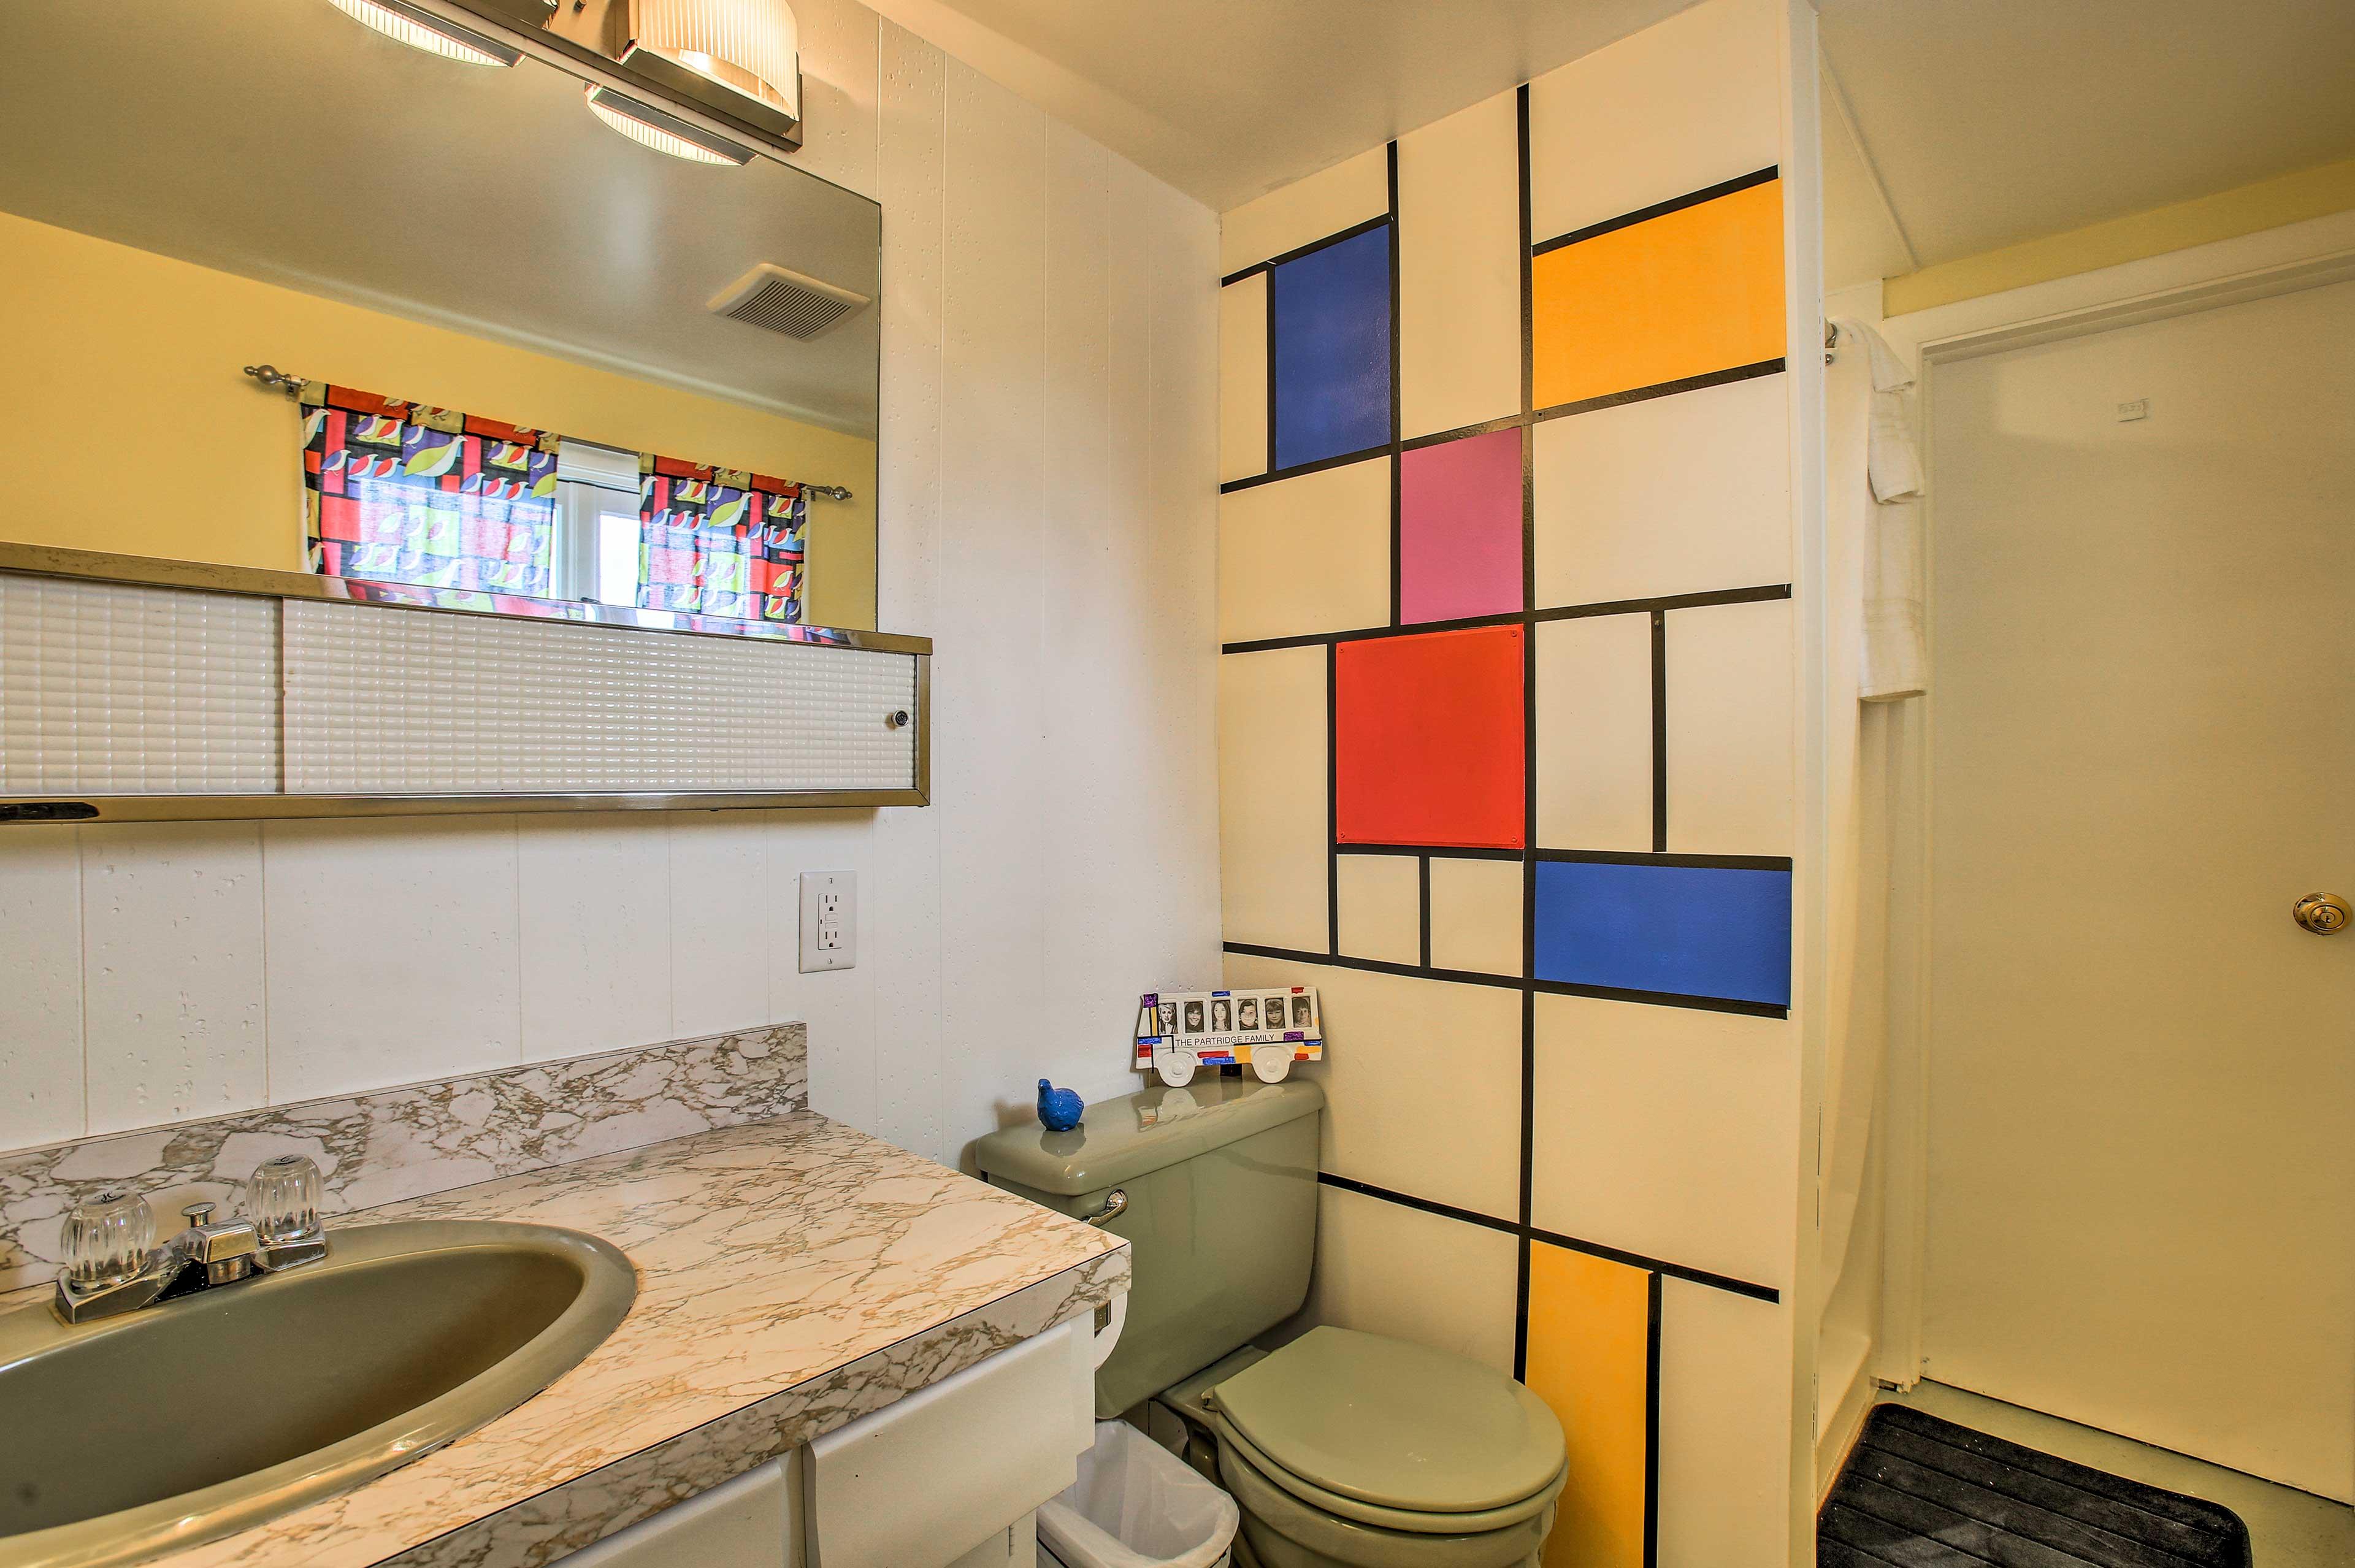 'Partridge Family' Full Bathroom